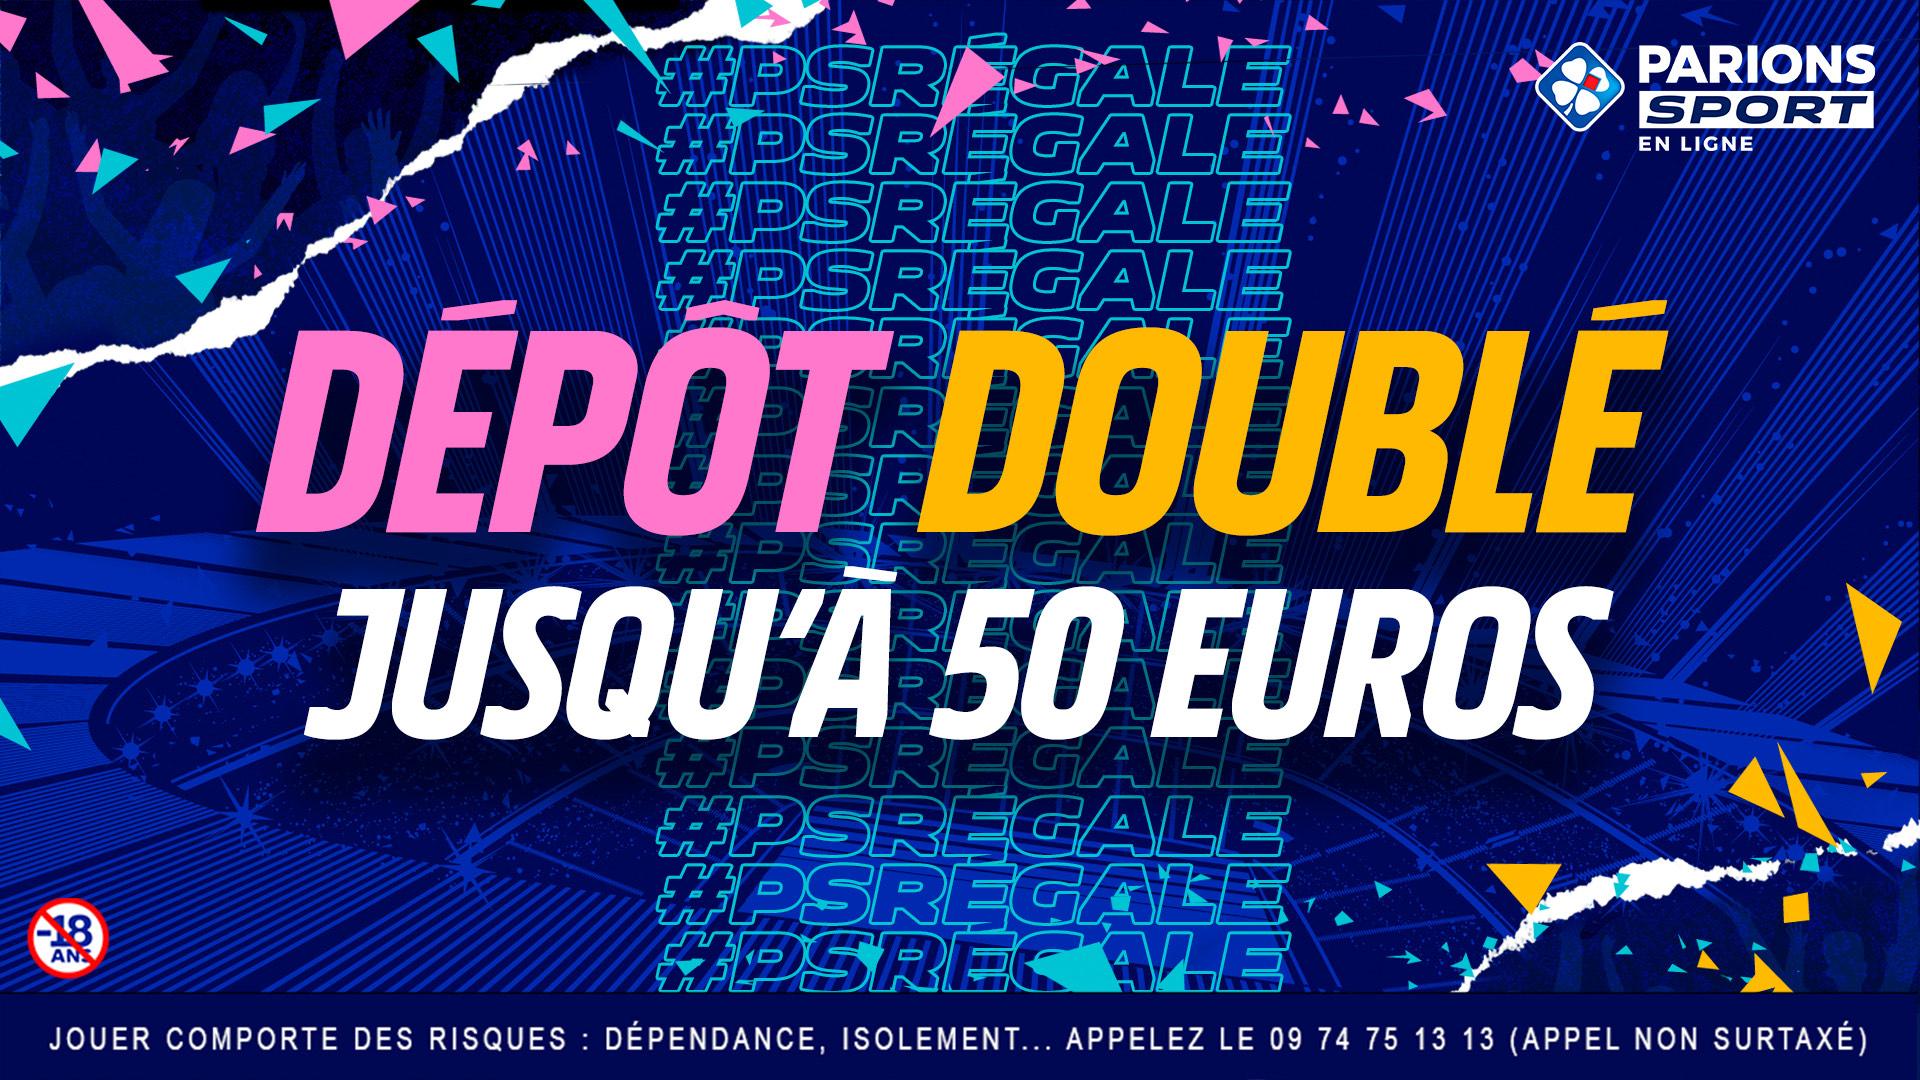 [Clients] Dépôts remboursés & doublés en freebets jusqu'à 50€ - Ex : dépôt de 50€ = 50€ en freebets